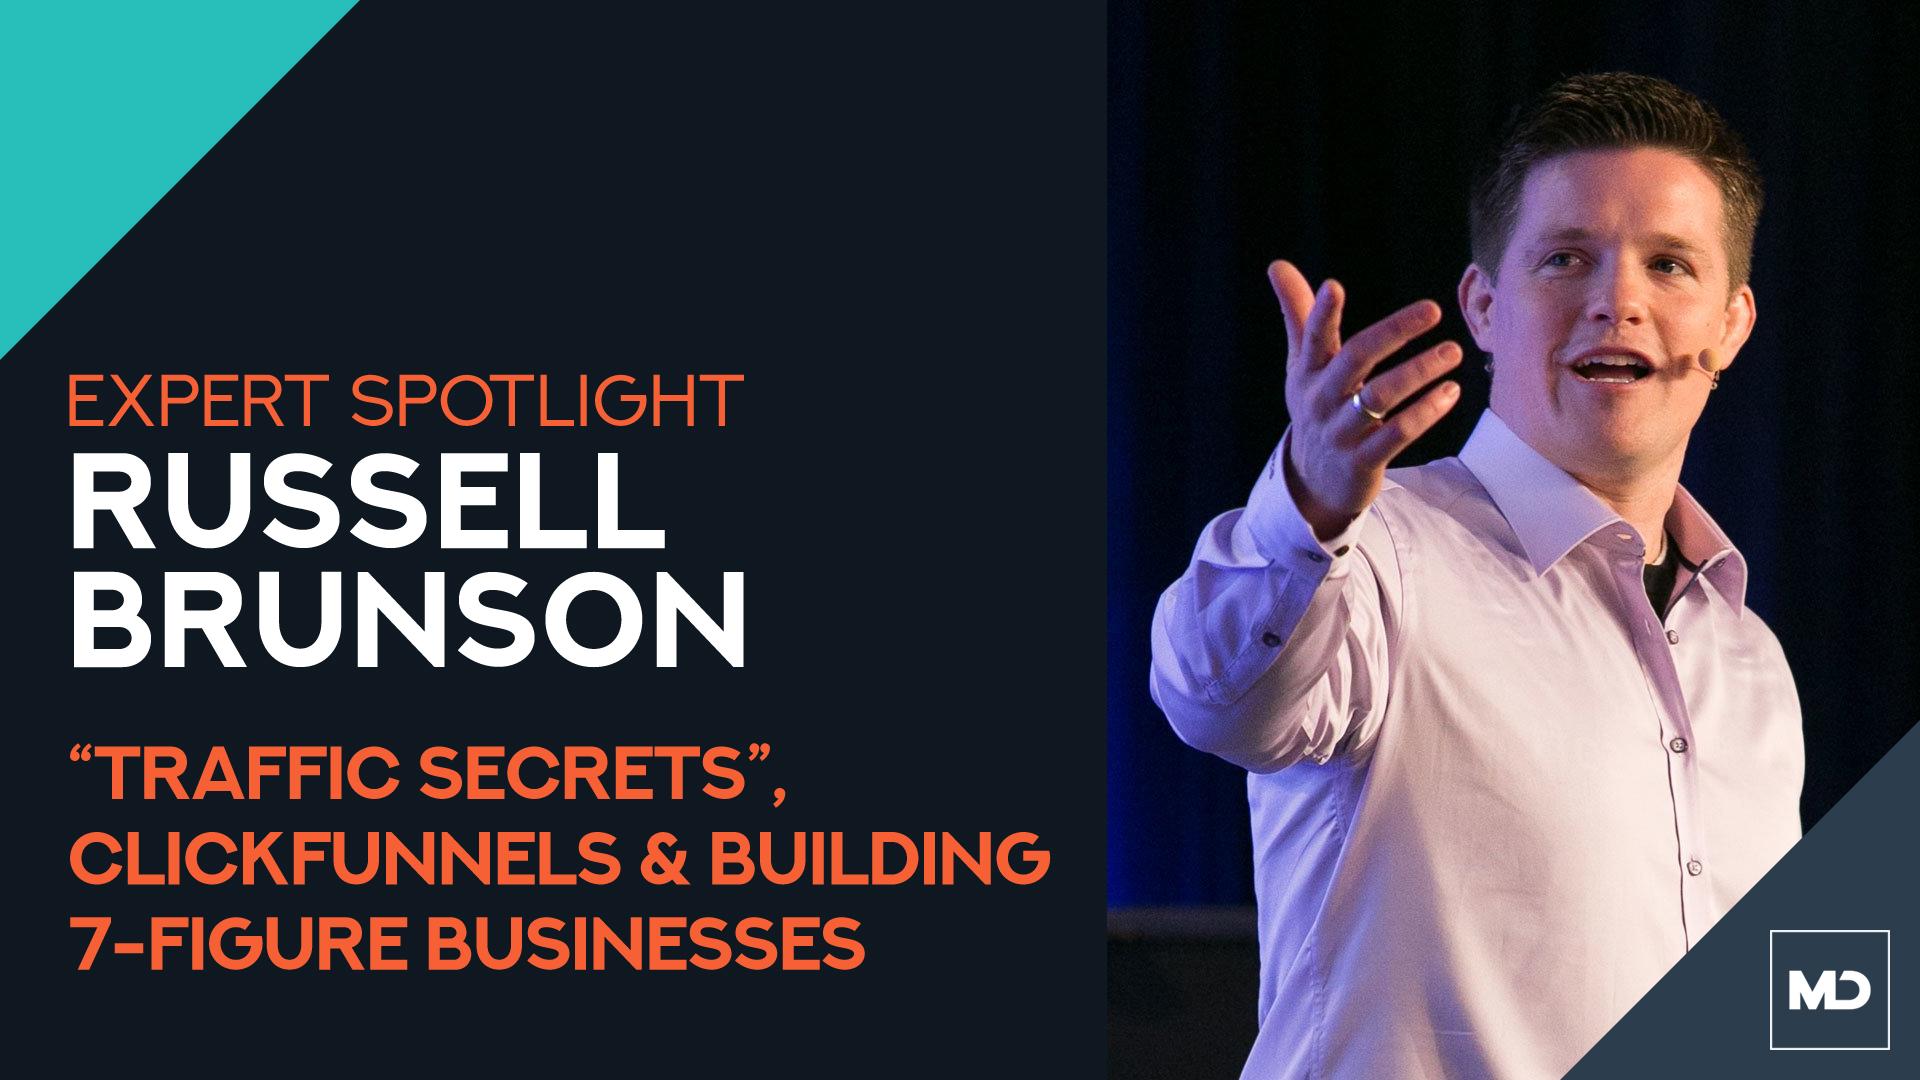 russell brunson expert spotlight